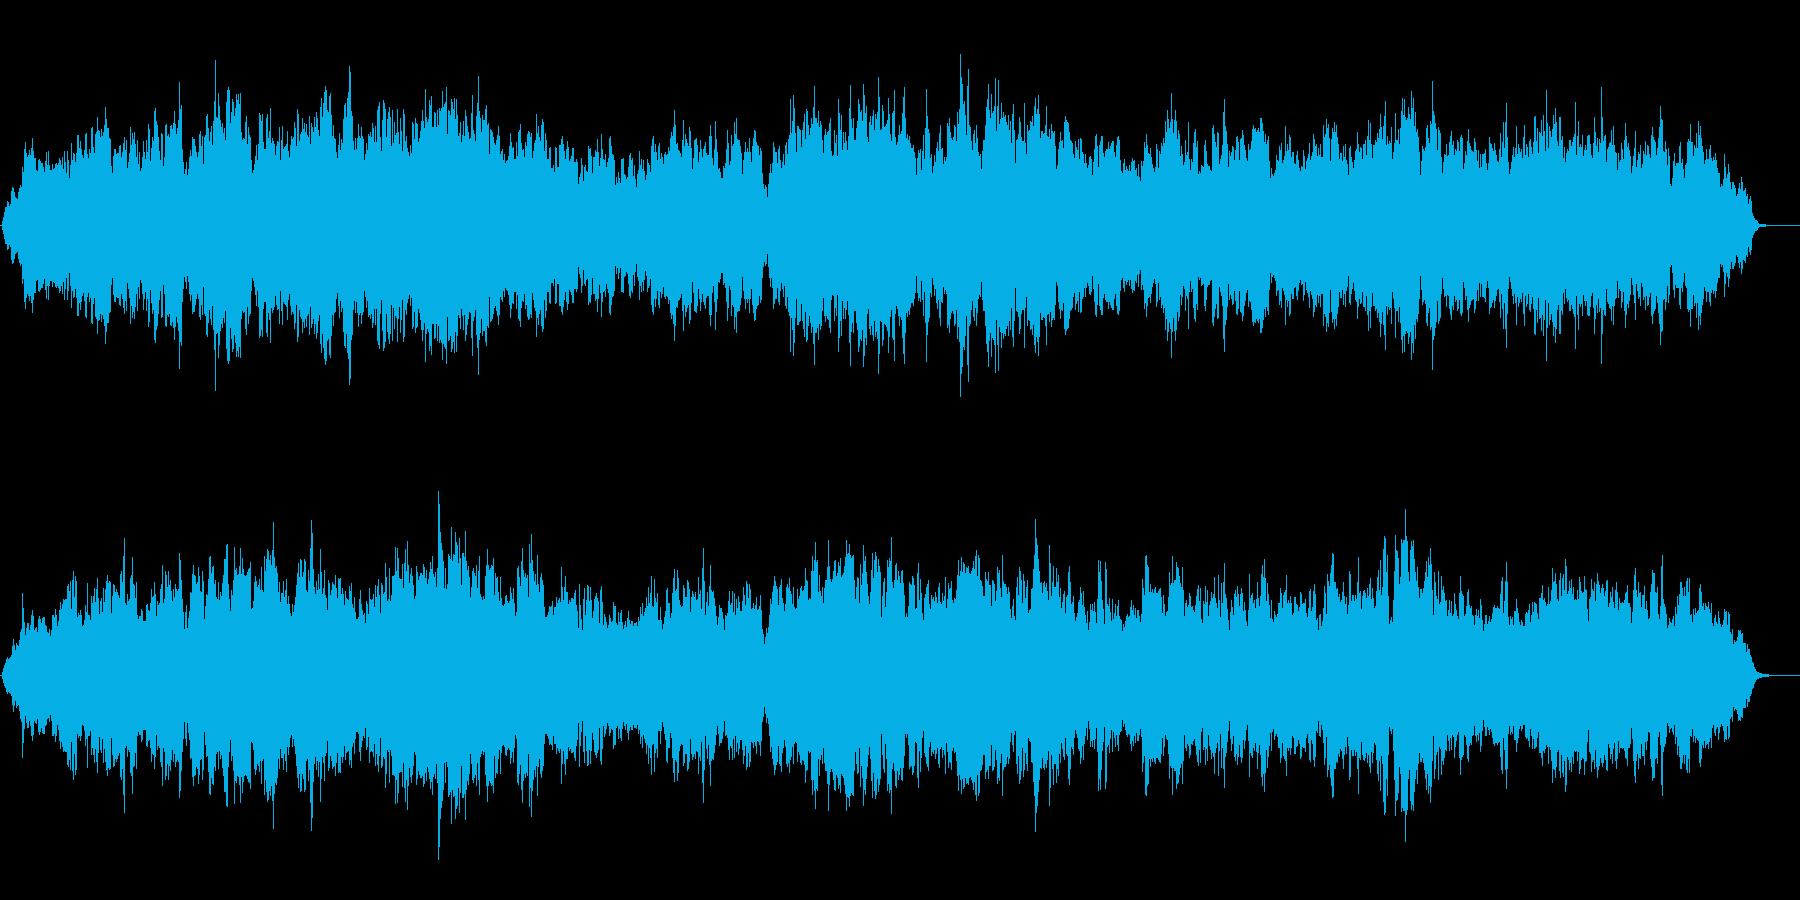 優雅で切ない弦楽バラードBGMの再生済みの波形